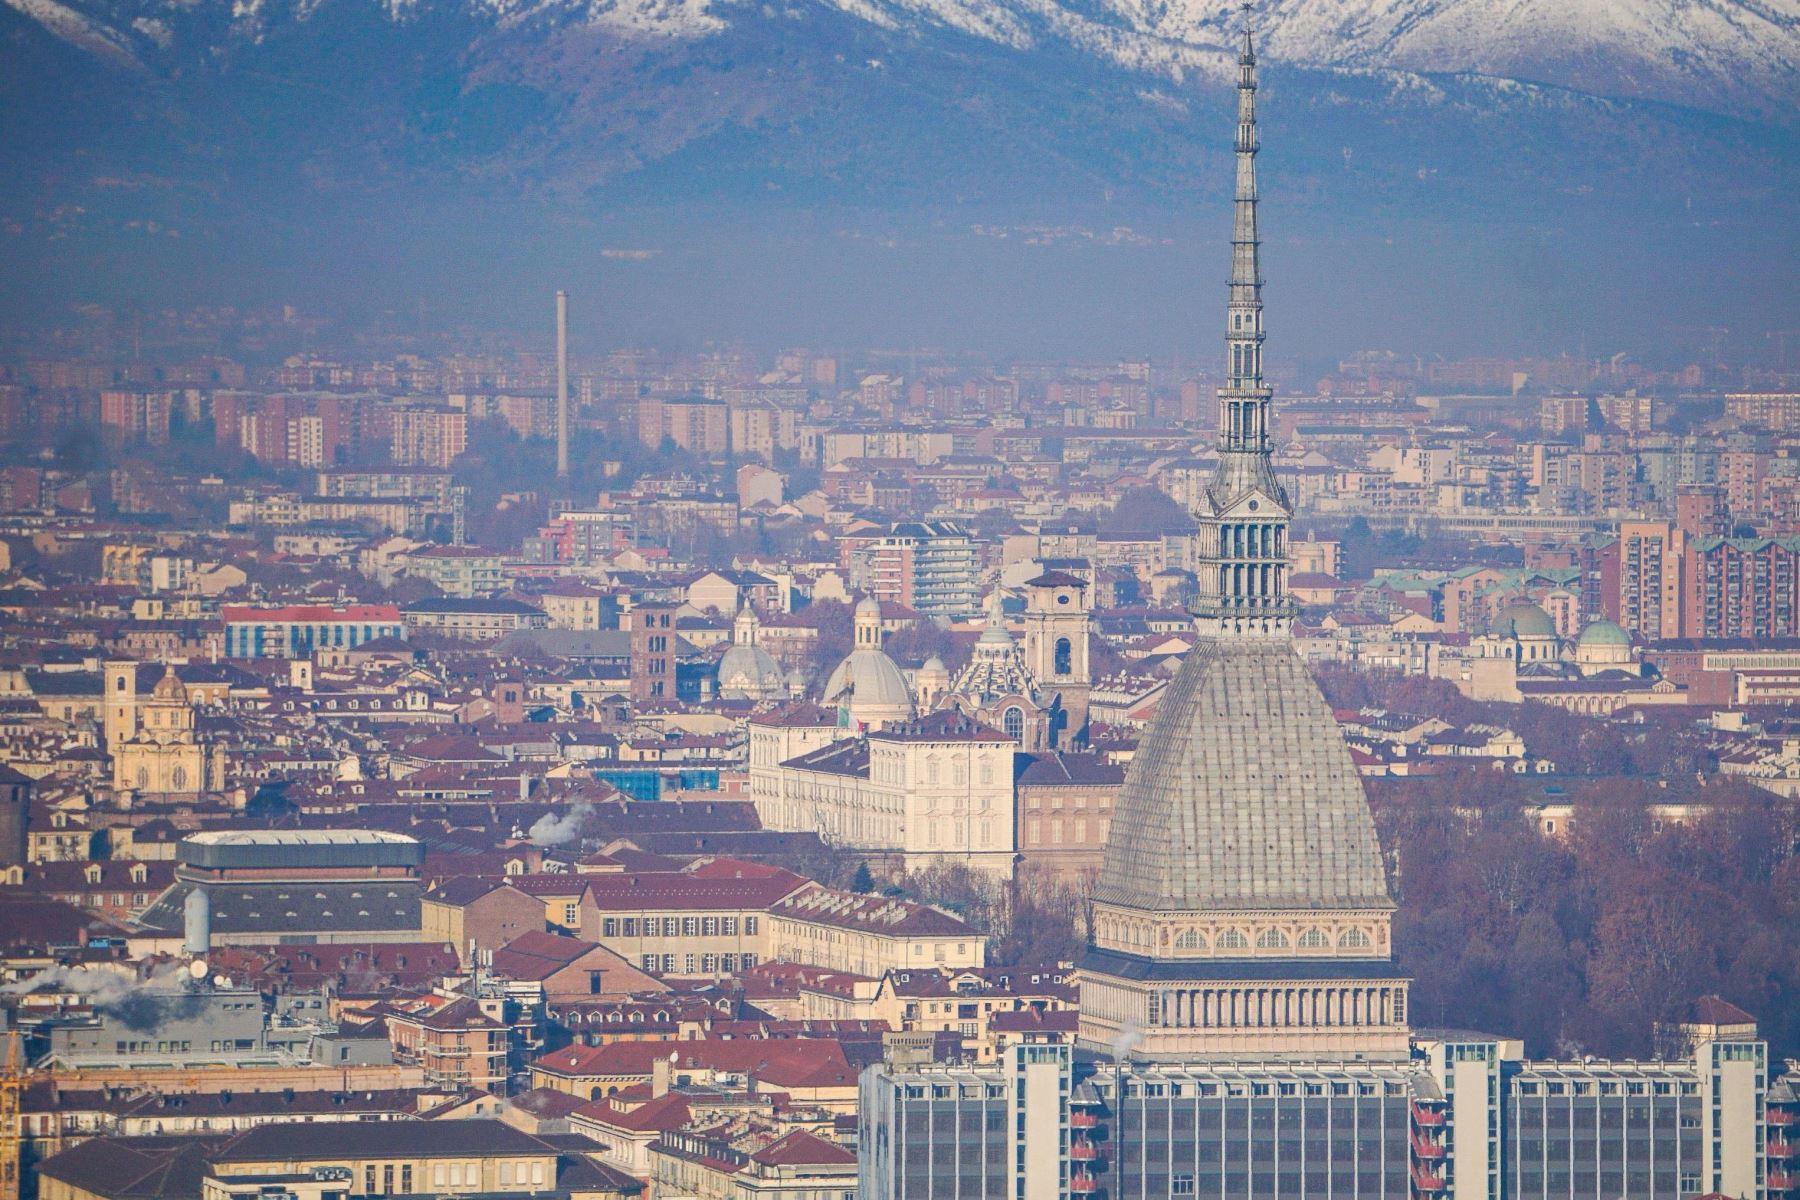 La Mole Antonelliana en la ciudad cubierta de smog con el telón de fondo de montañas nevadas en Turín, Italia. Foto: EFE